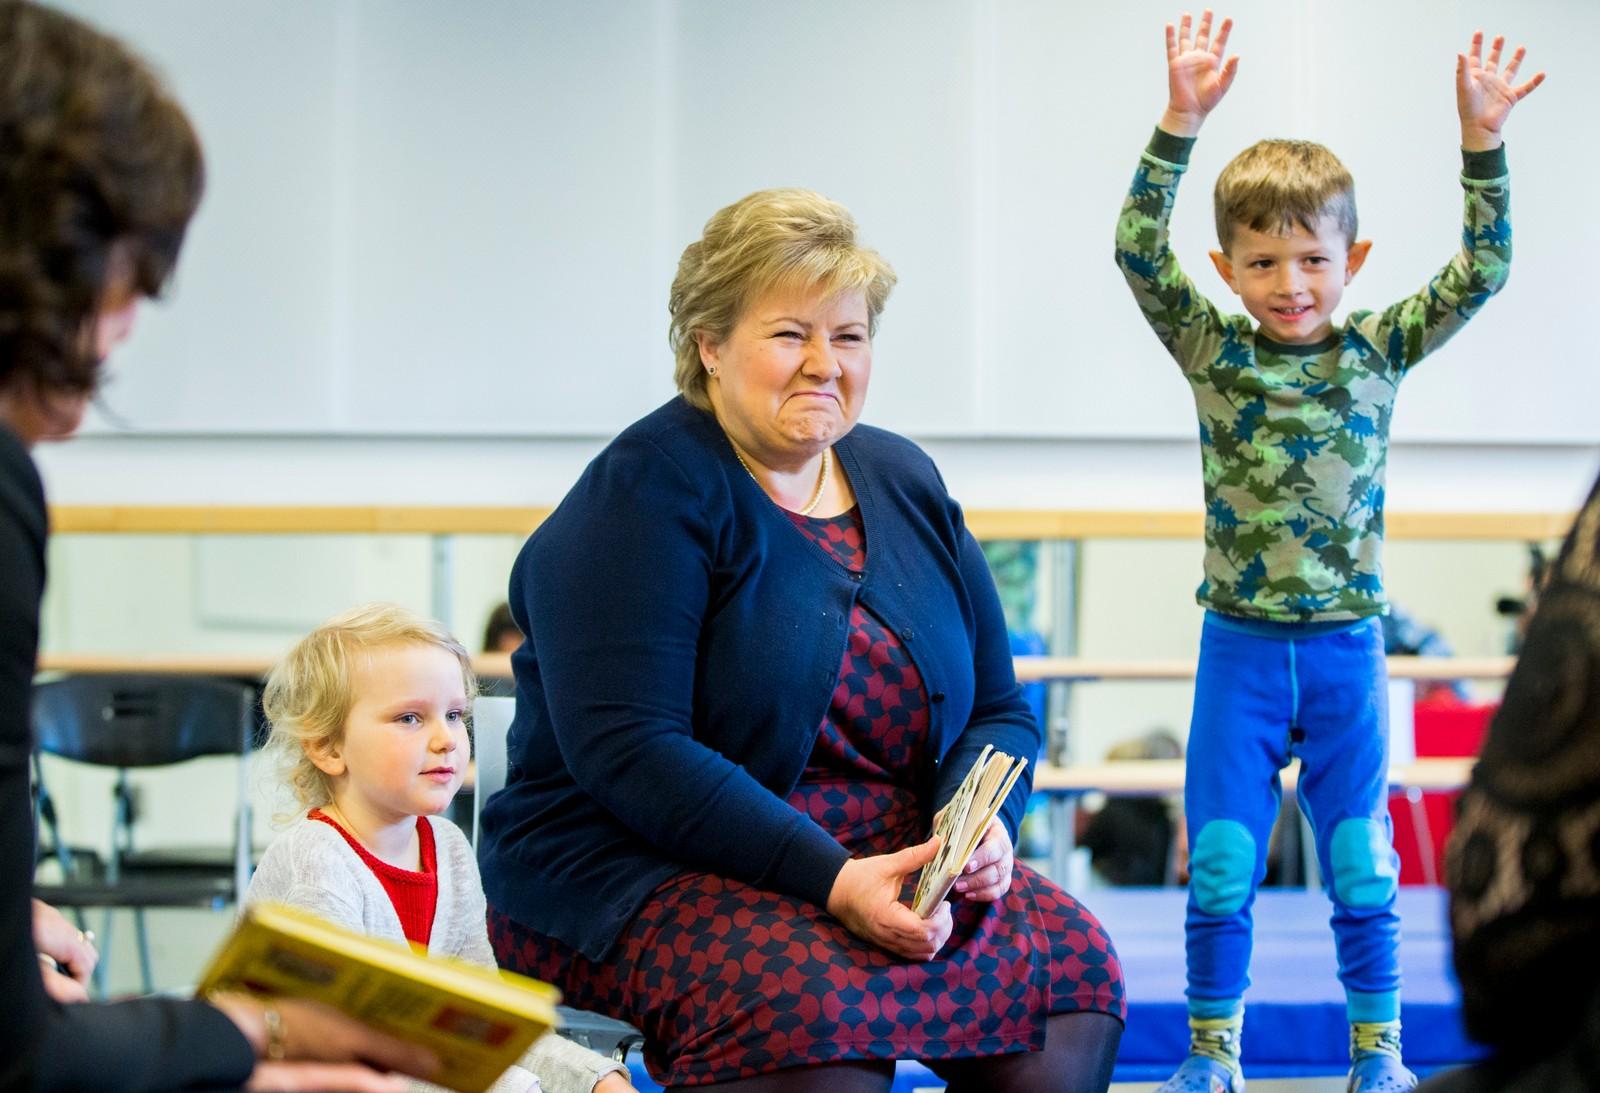 Statsminister Erna Solberg sammen med Mari (t.v.) og Liam (t.h.) da hun besøkte Thor Olsen barnehage på Torshov i Oslo torsdag.